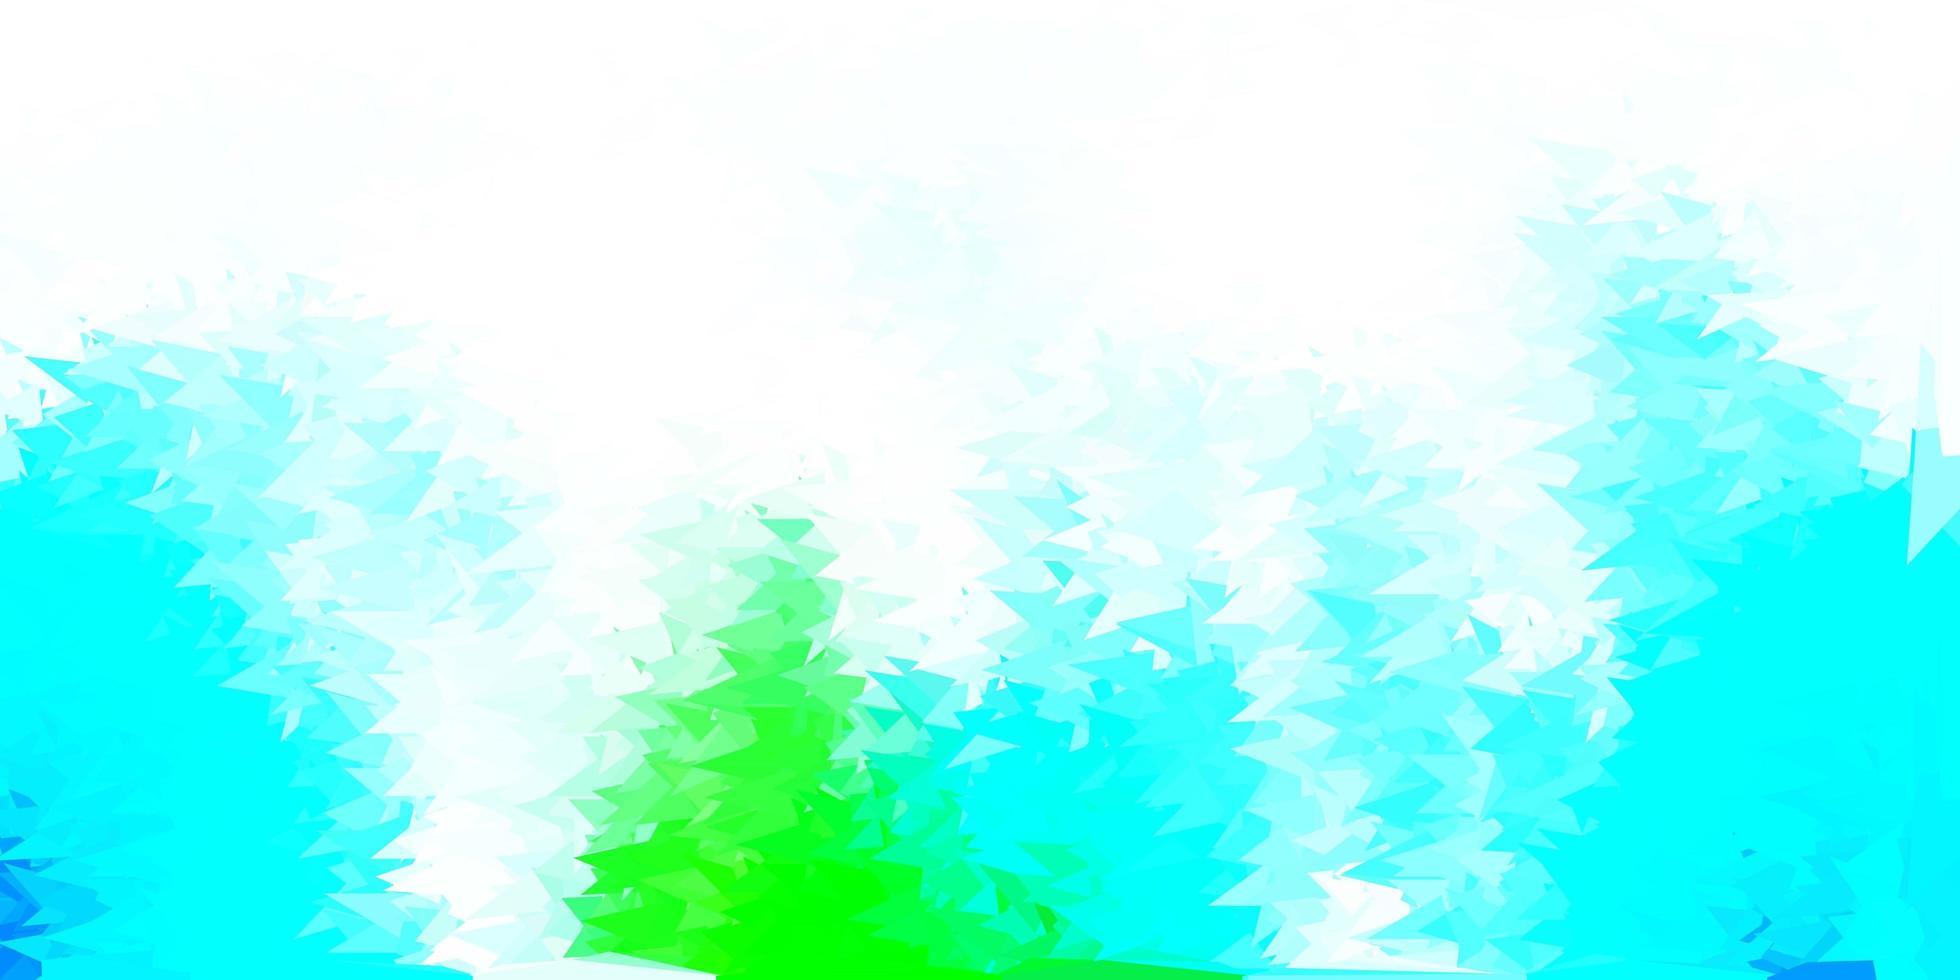 modelo de triângulo abstrato de vetor azul claro e verde.